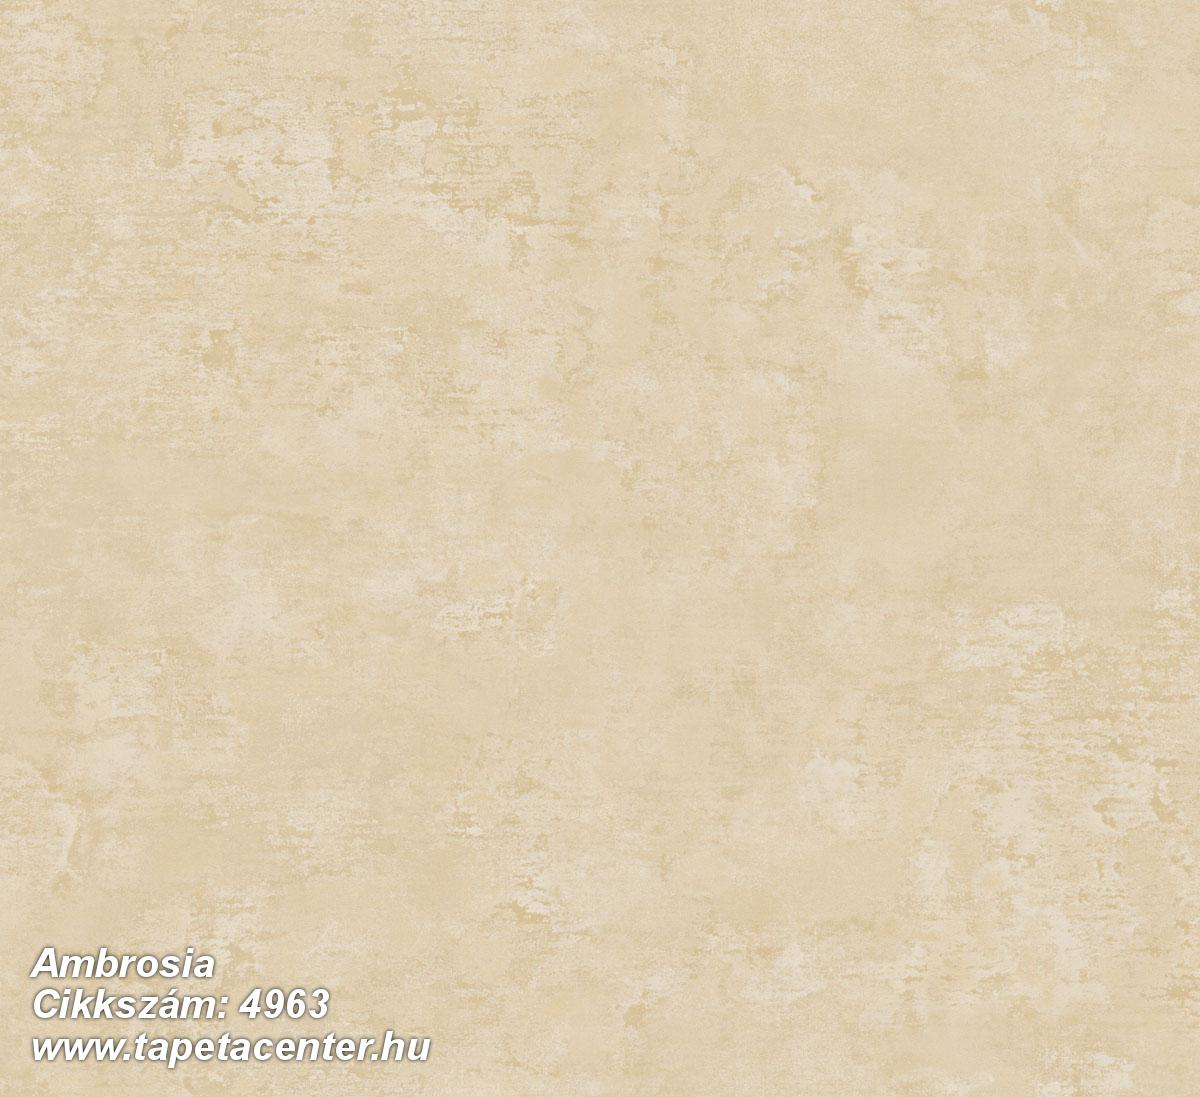 Ambrosia - 4963 Olasz tapéta